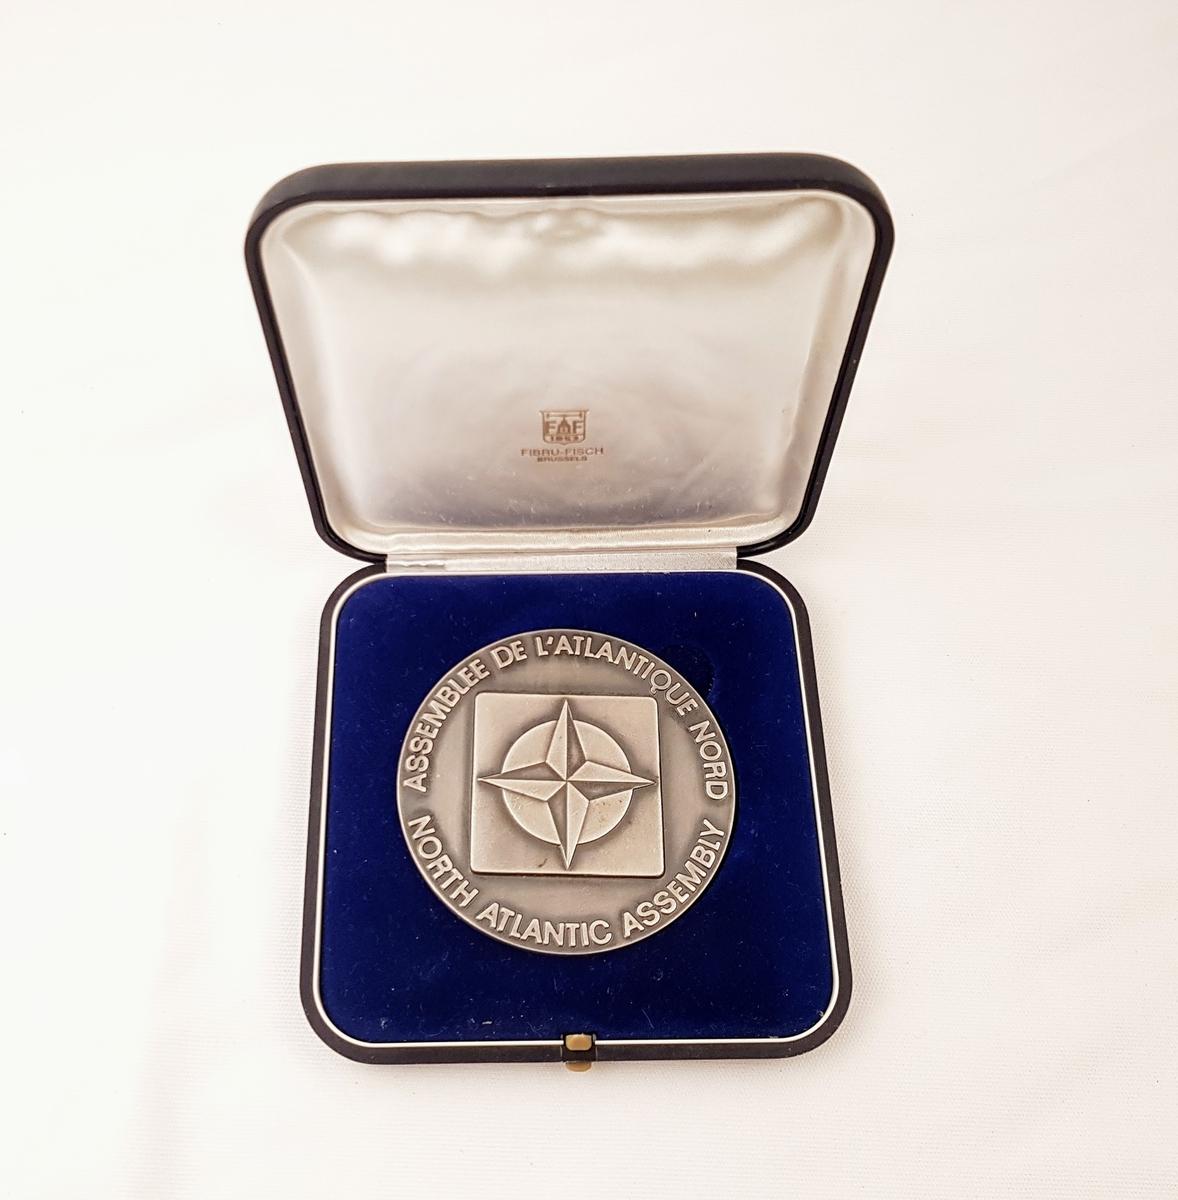 Natos stjerne preger medaljens forside